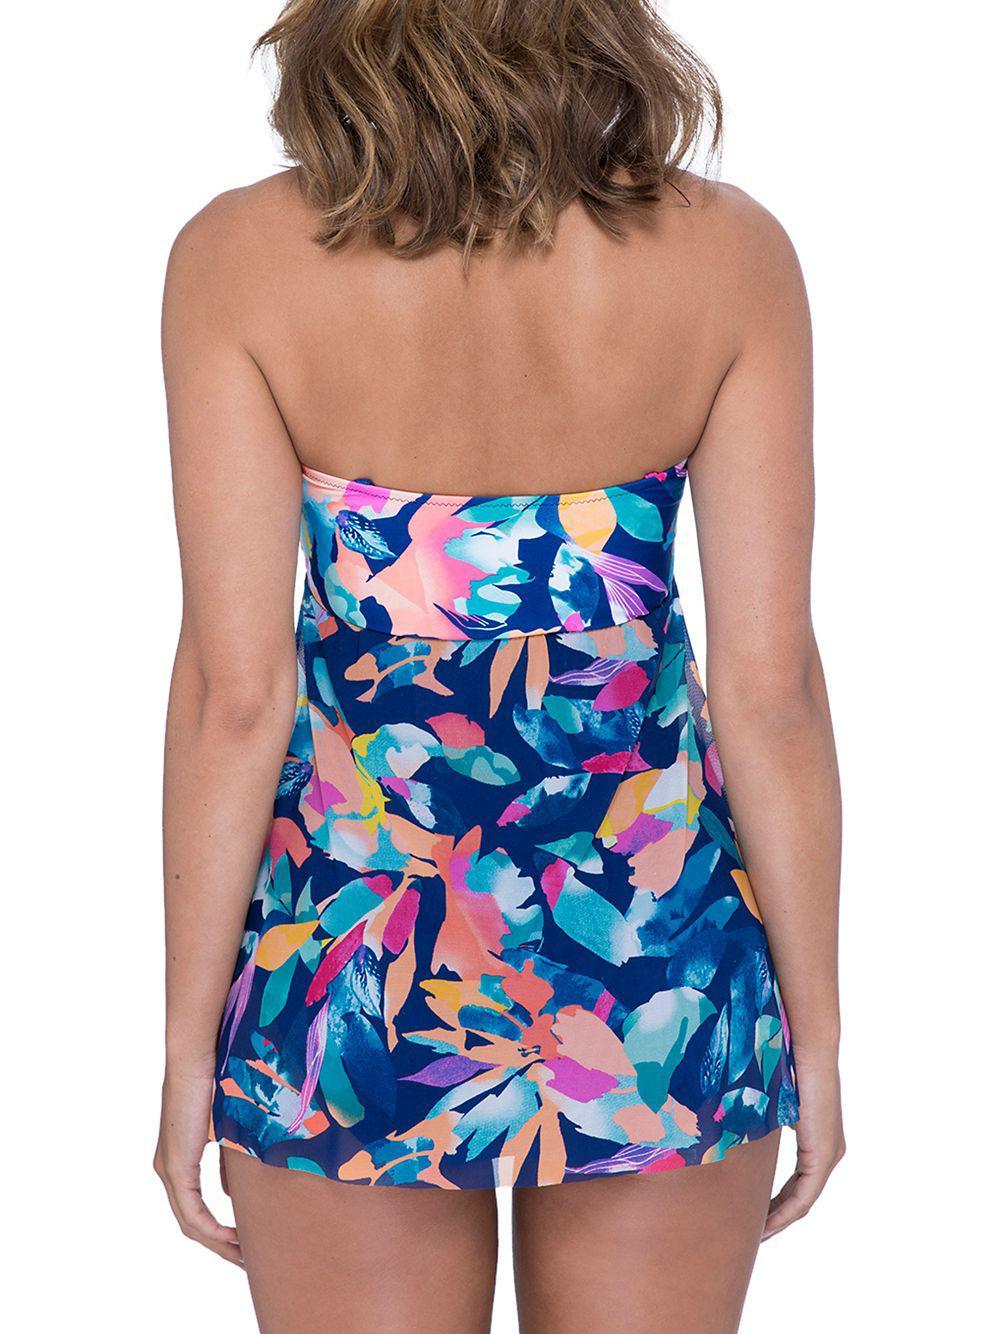 478f32ee699e7 Gottex Bermuda Breeze Flyaway One-piece Swimsuit in Blue - Lyst